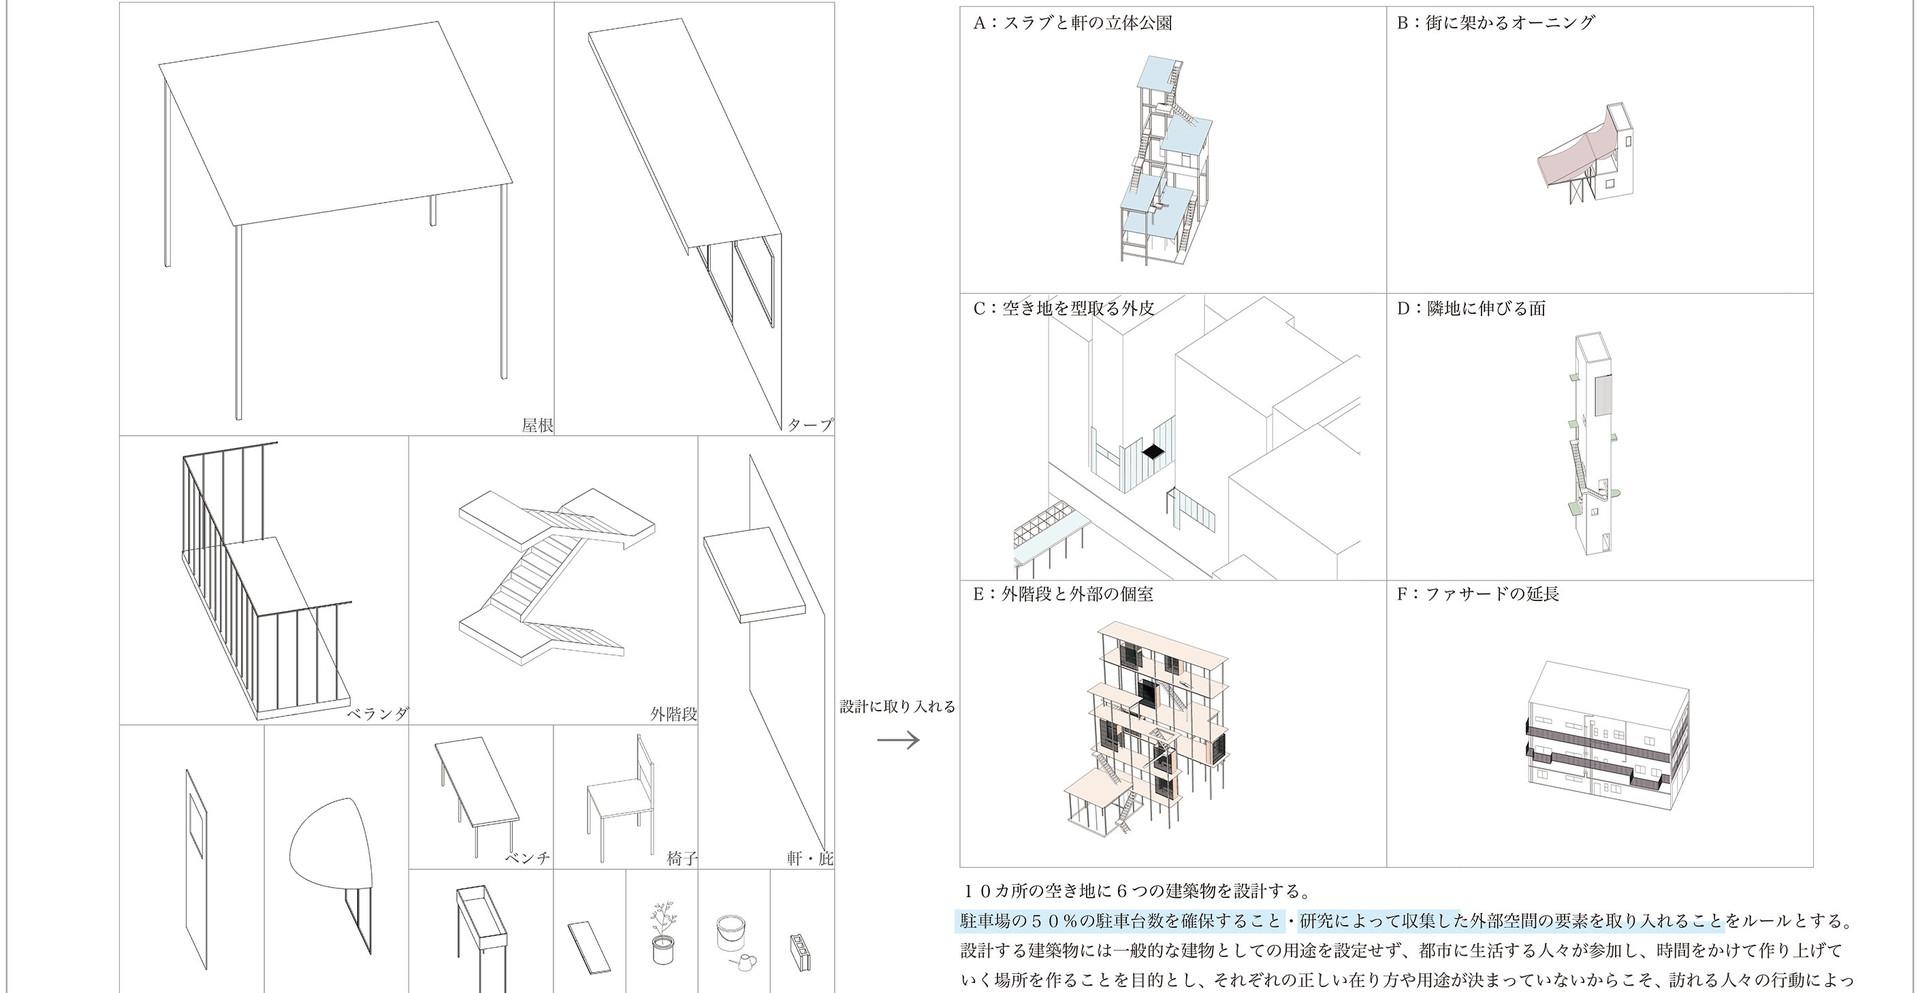 今井菜月_05.jpg